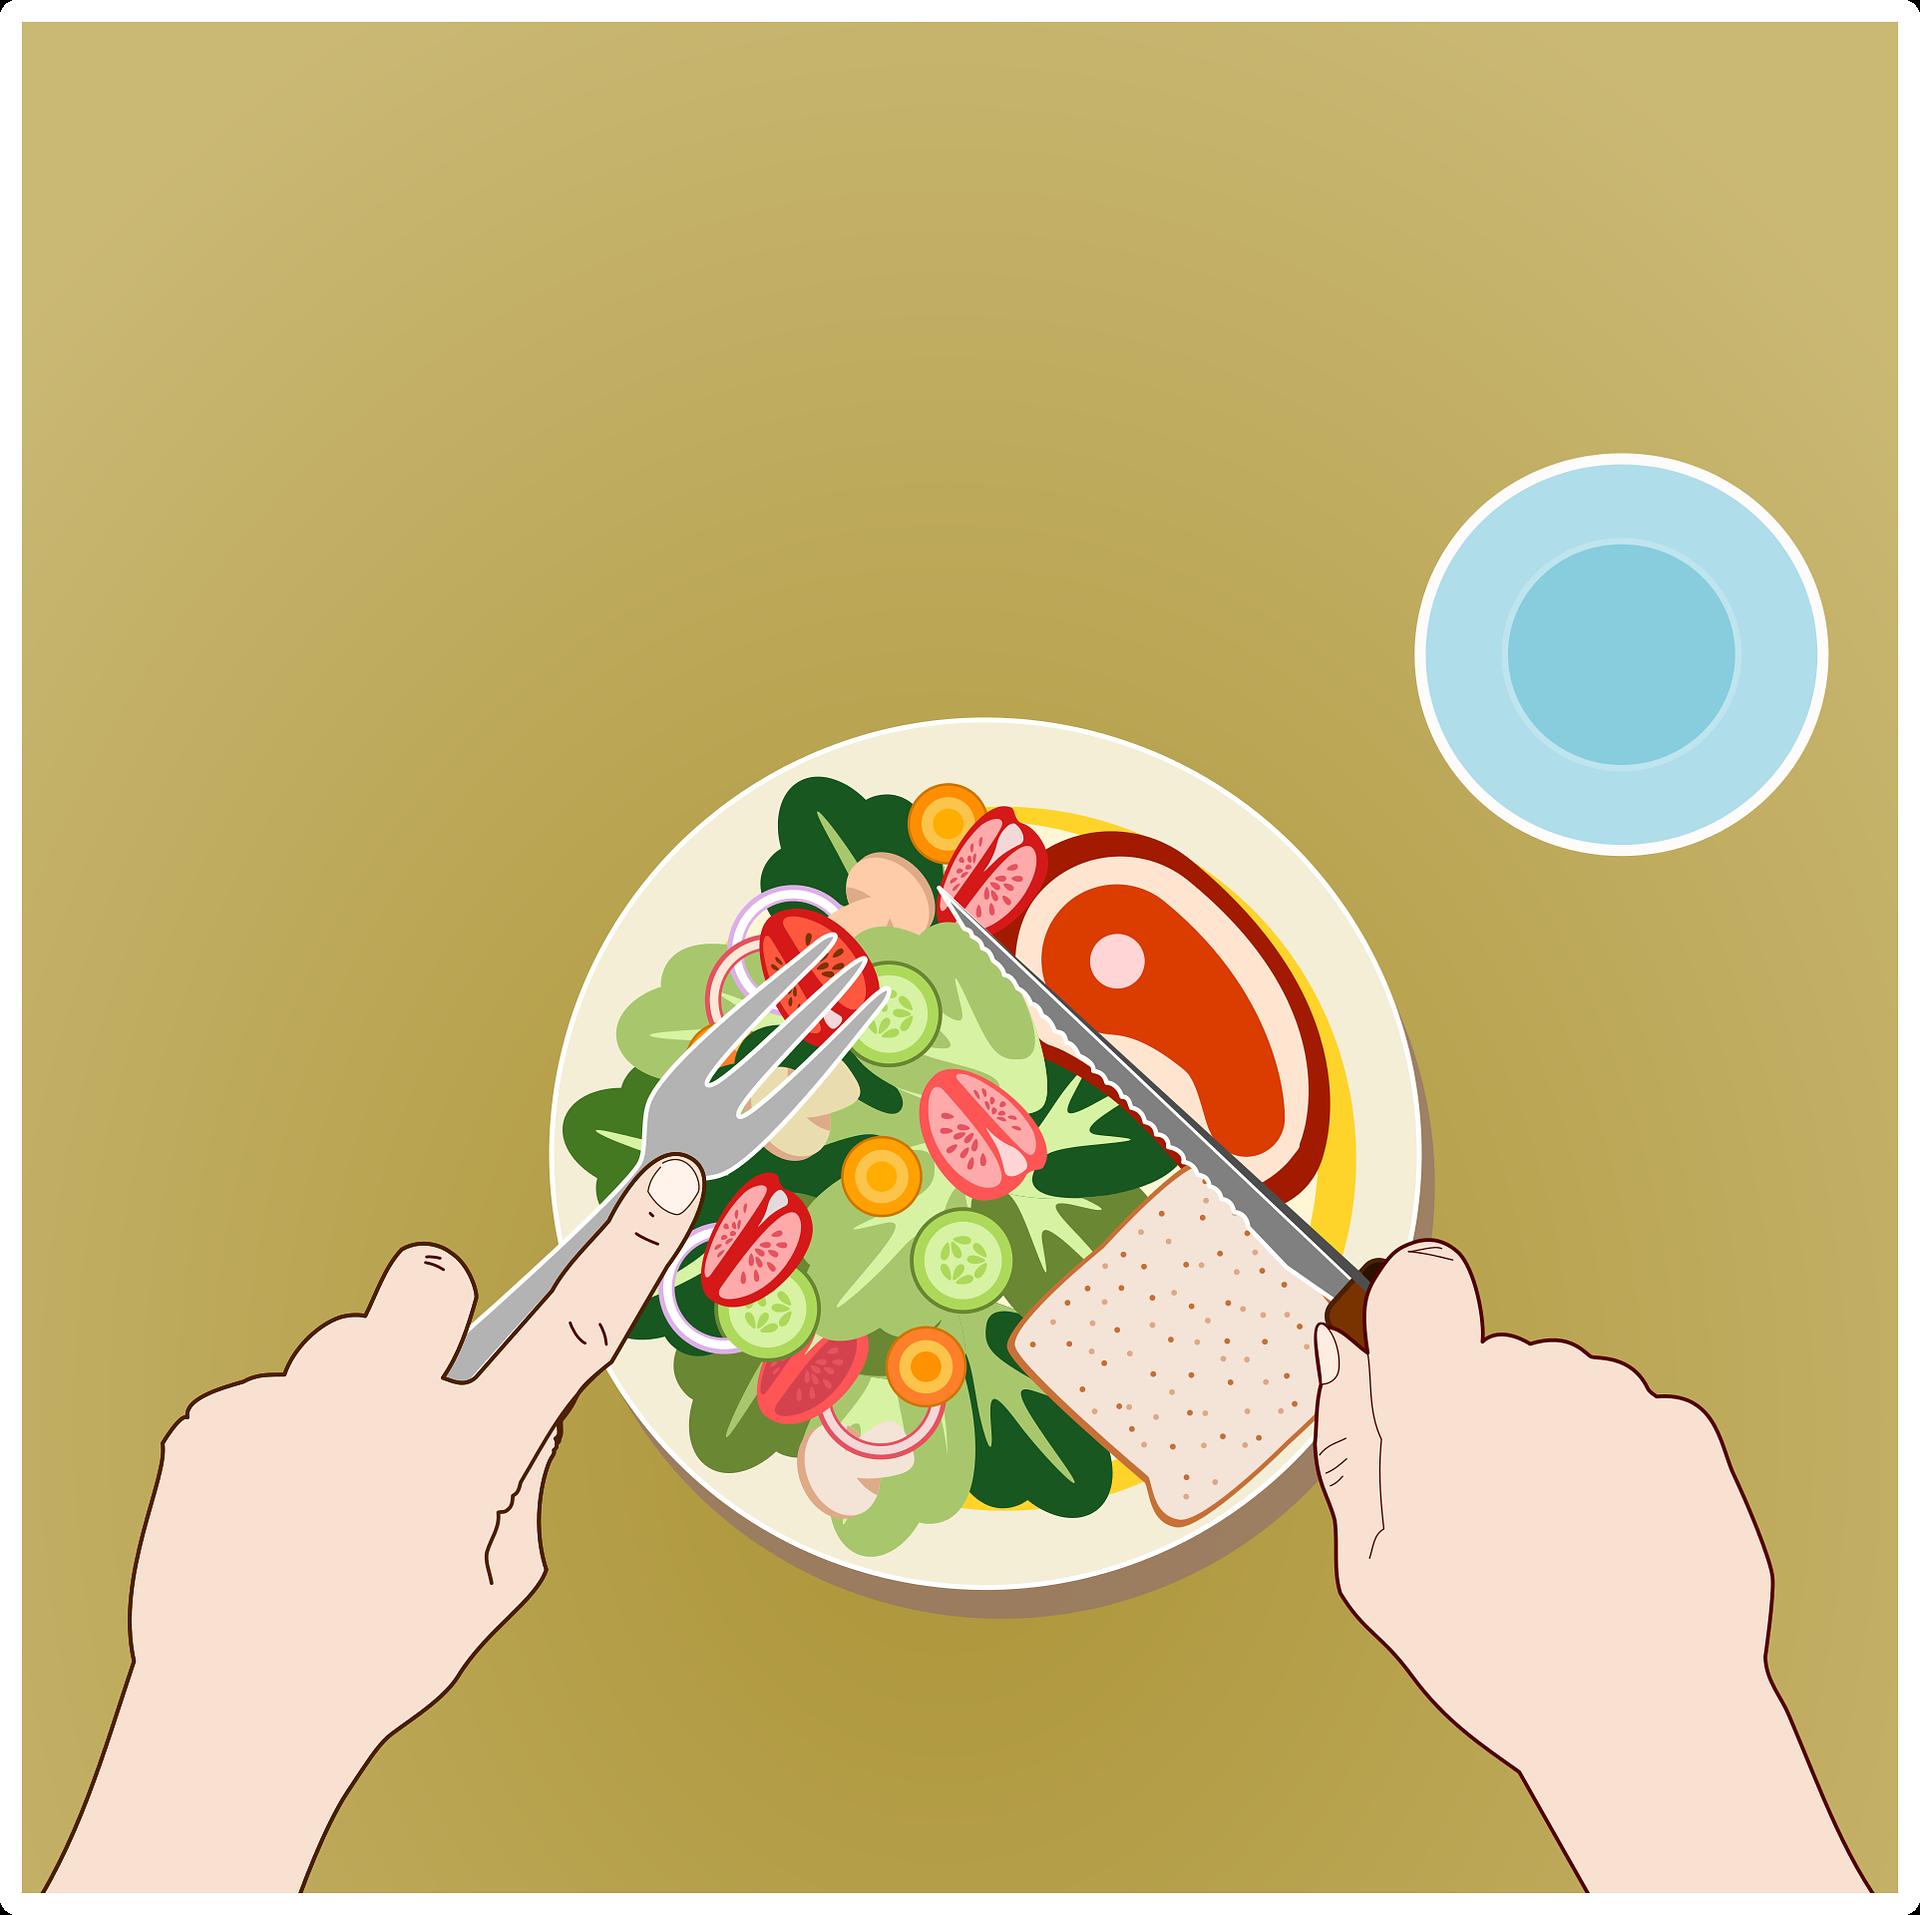 Conocer los mitos acerca de la pérdida de grasa es fundamental para no caer en esos errores y evitar trastornos alimenticios como la ortorexia.